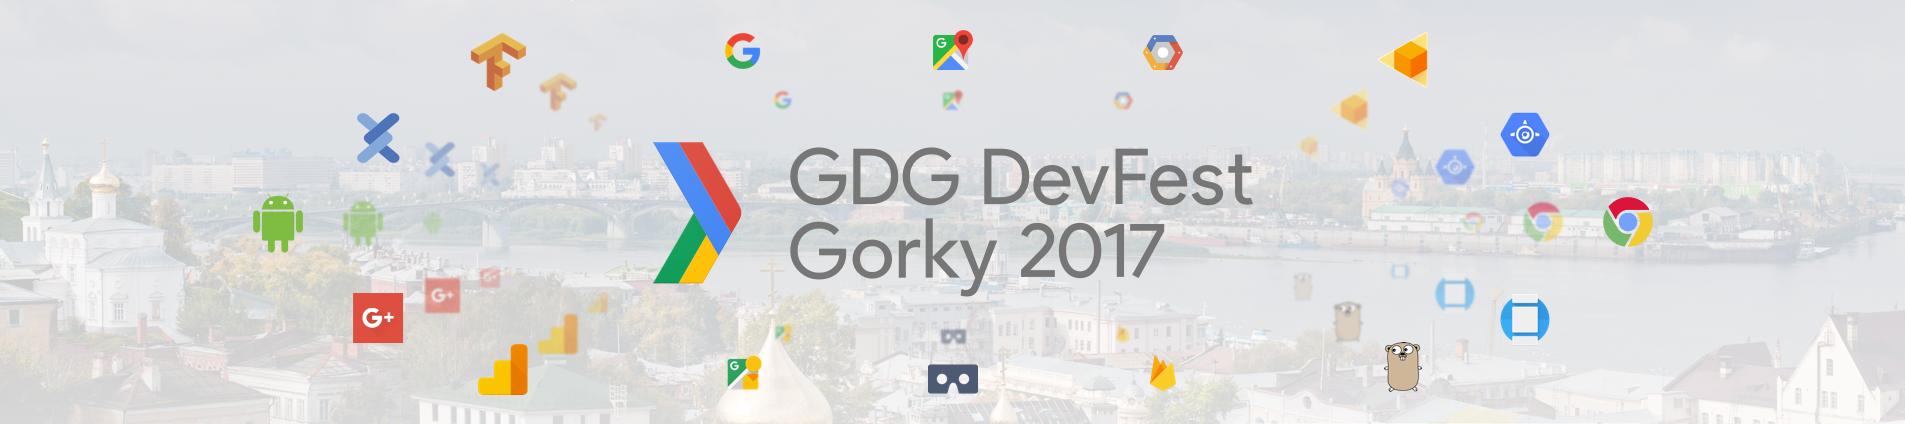 GDG DevFest Gorky 2017